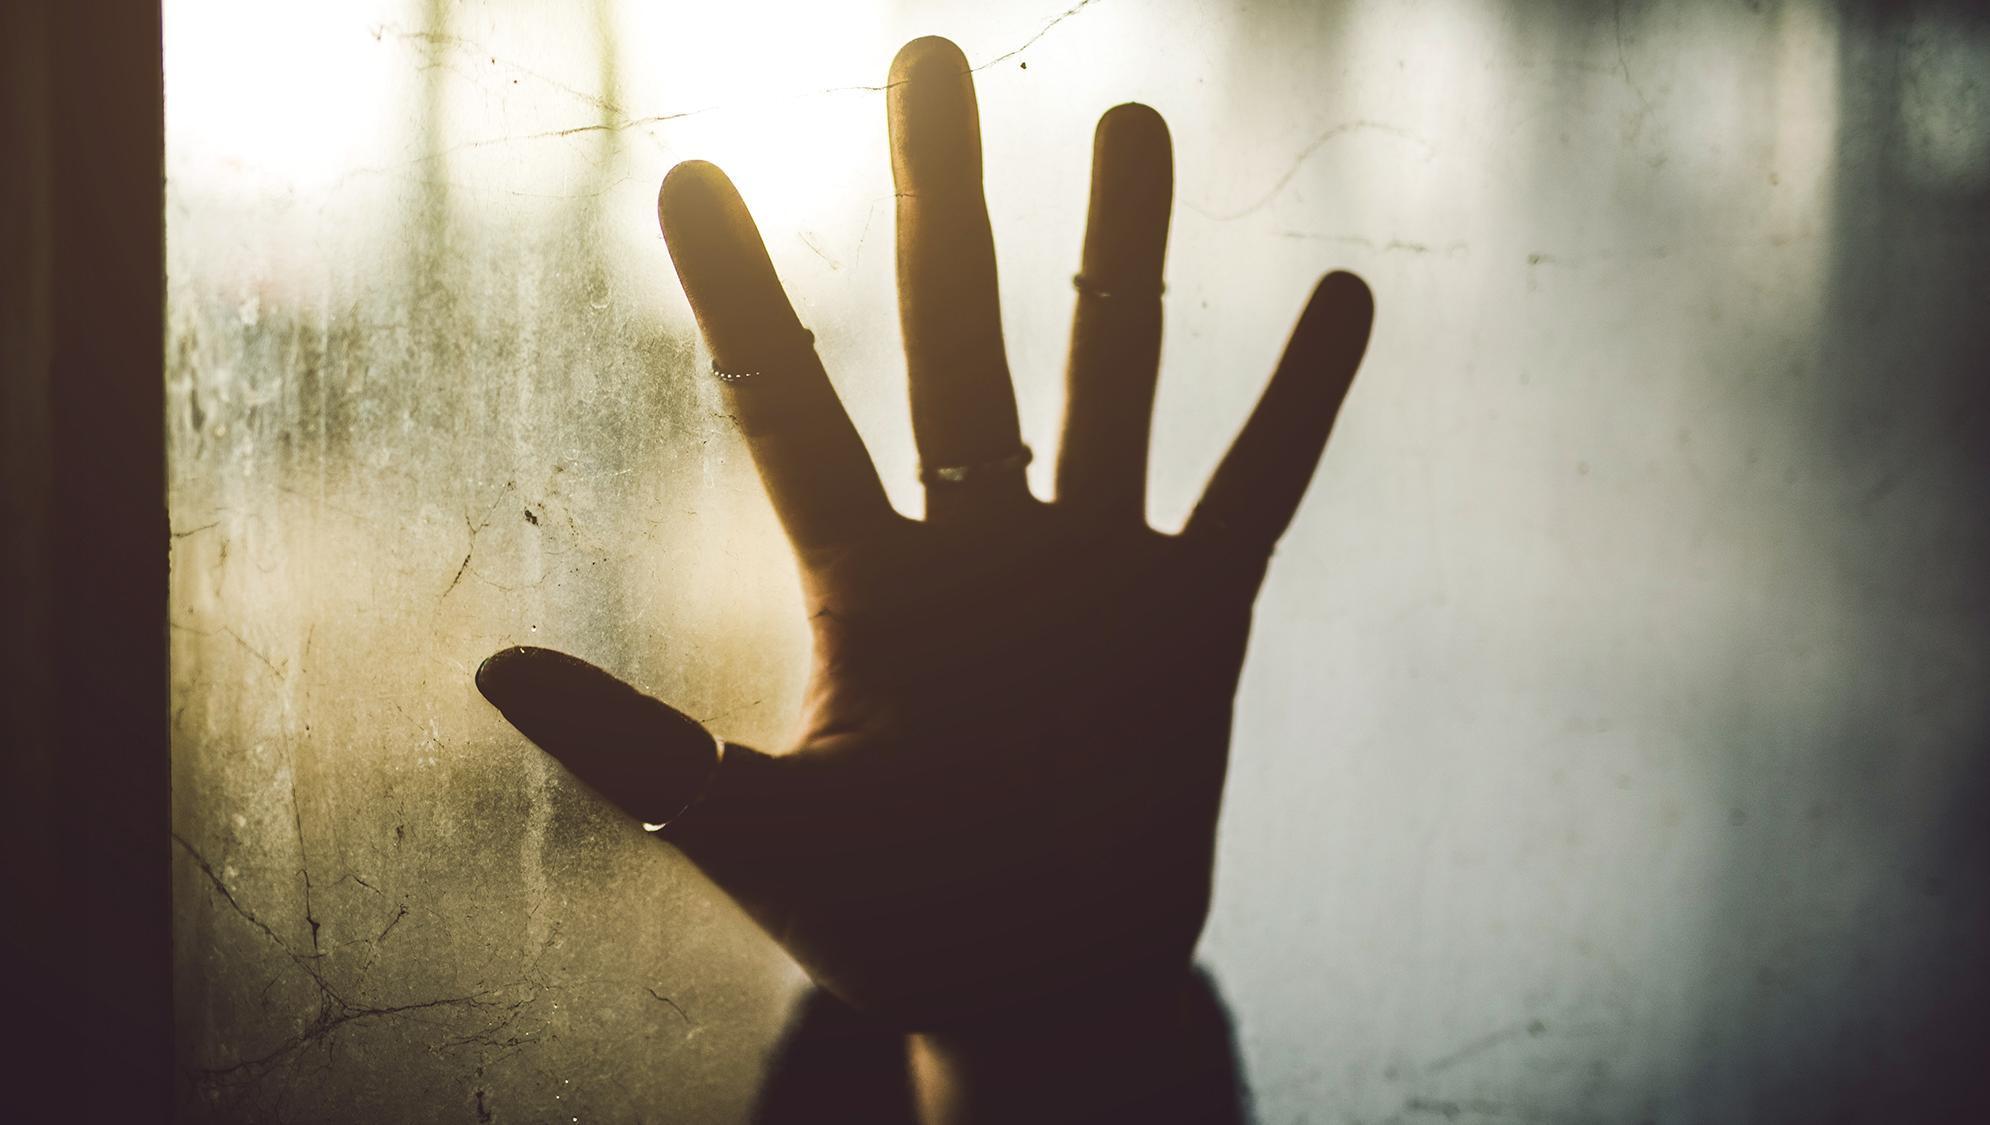 Une main dans une fenêtre